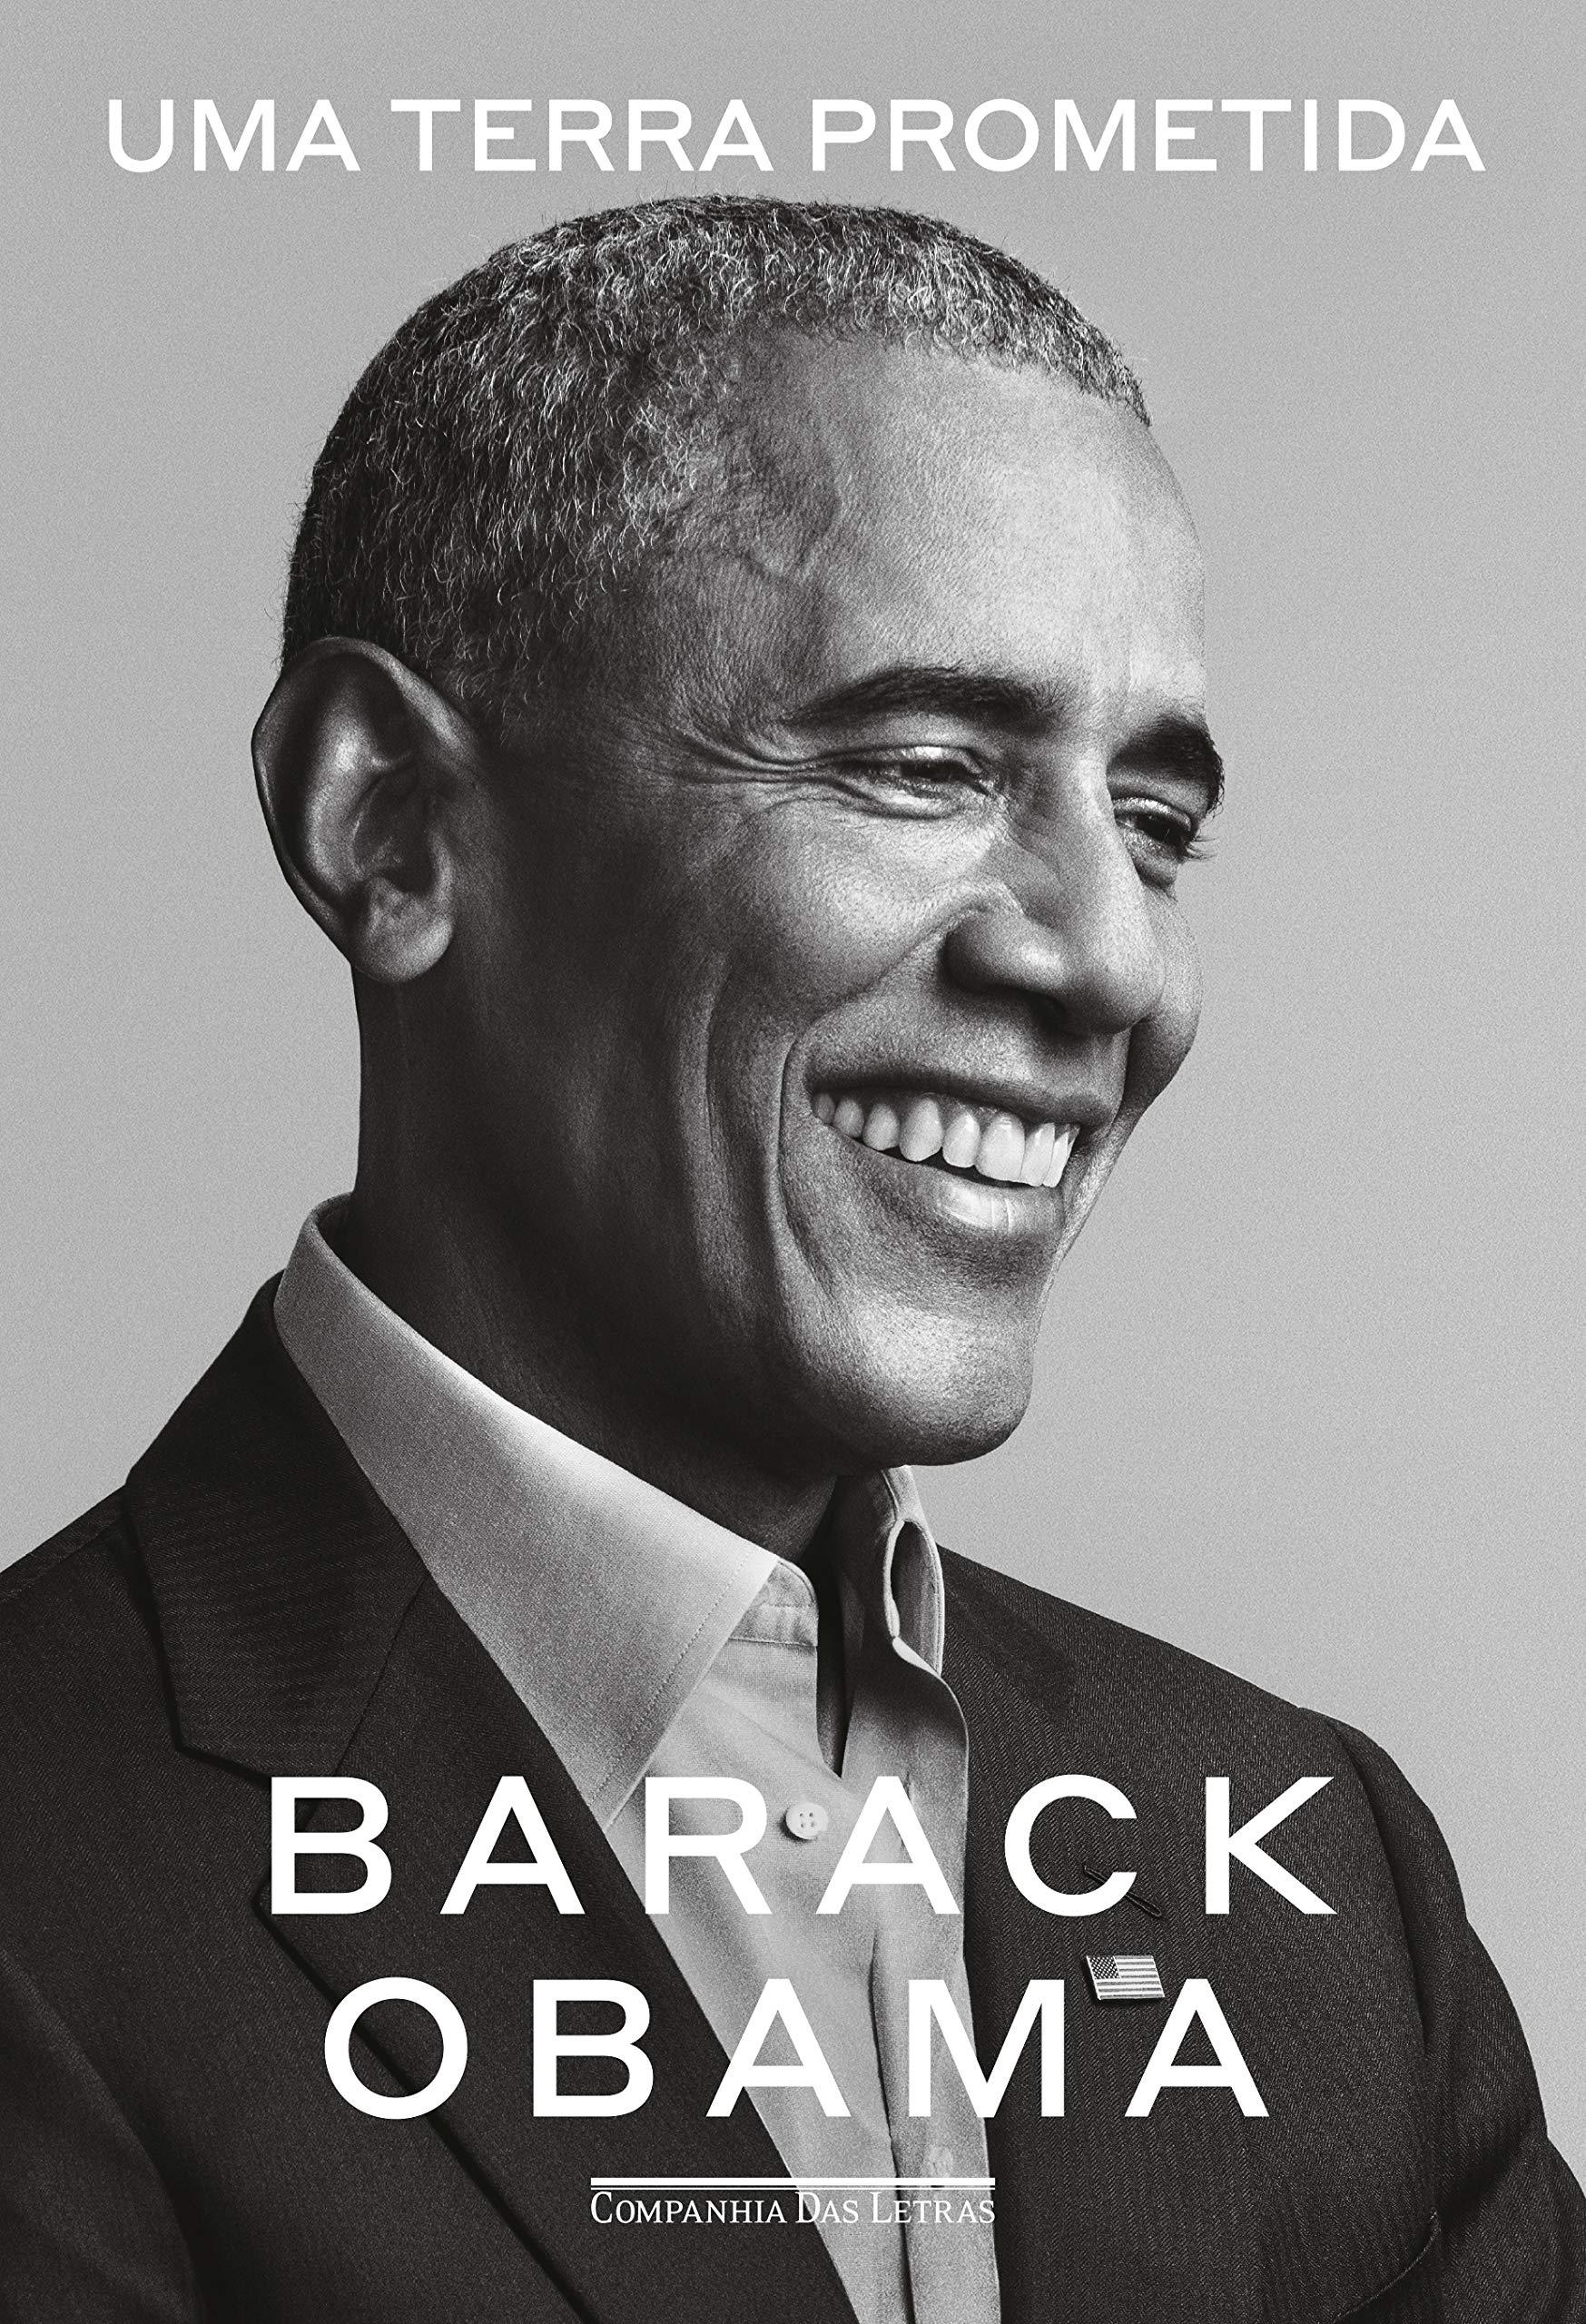 Capa do livro 'Uma terra prometida' do ex-presidente Barack Obama